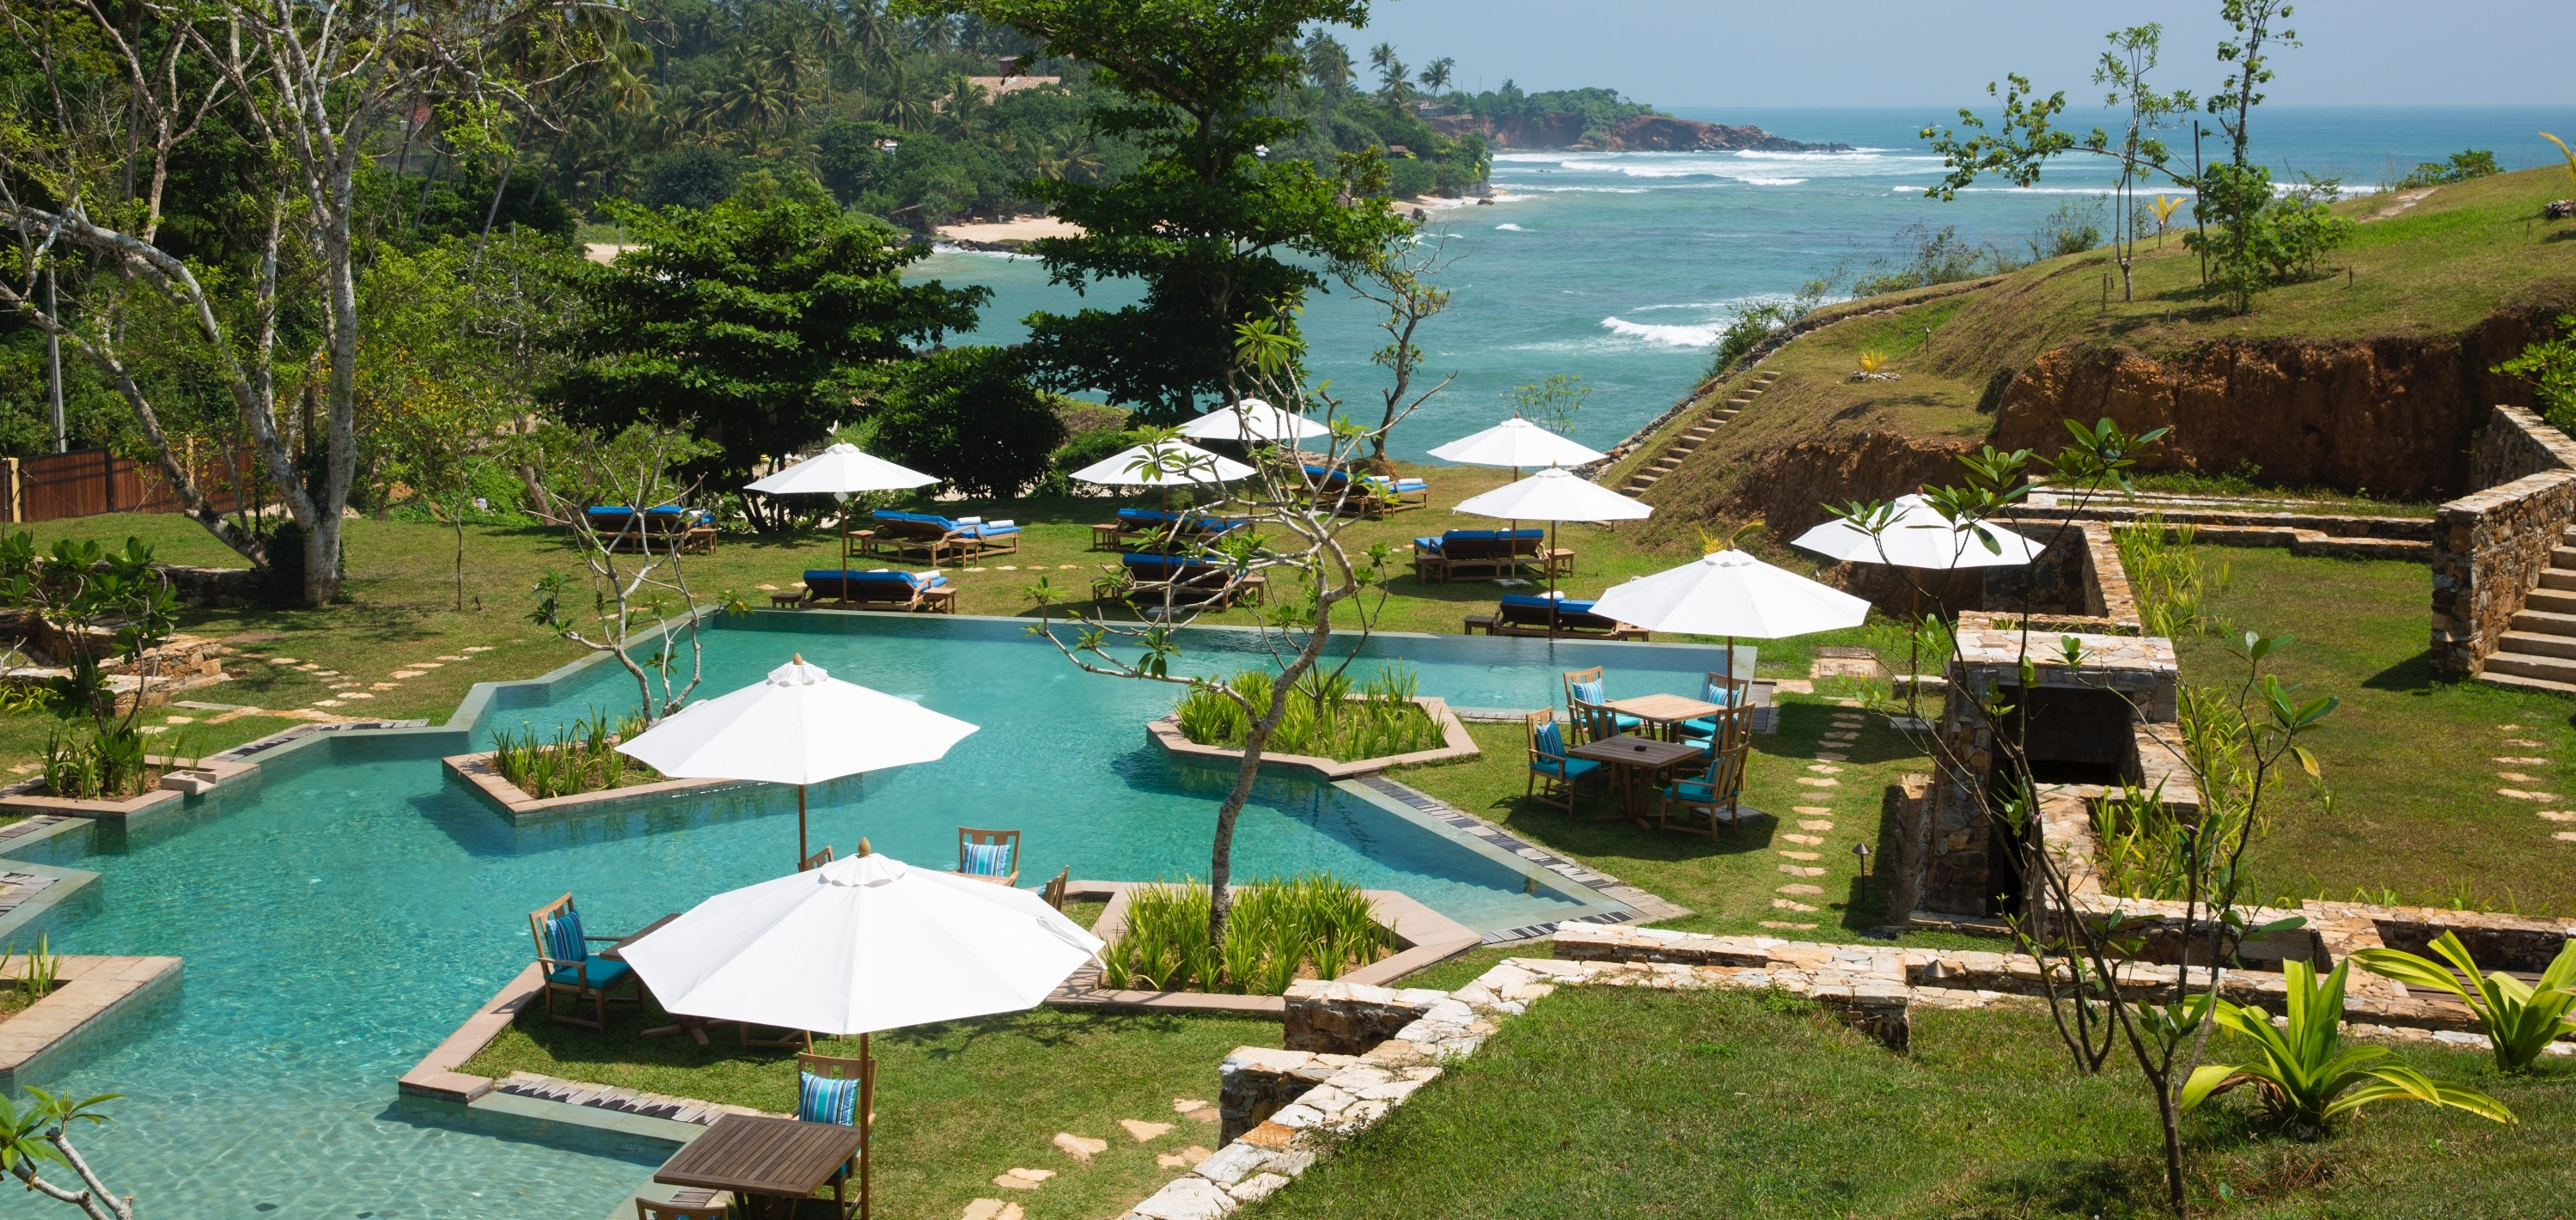 cove-pool-sea-view